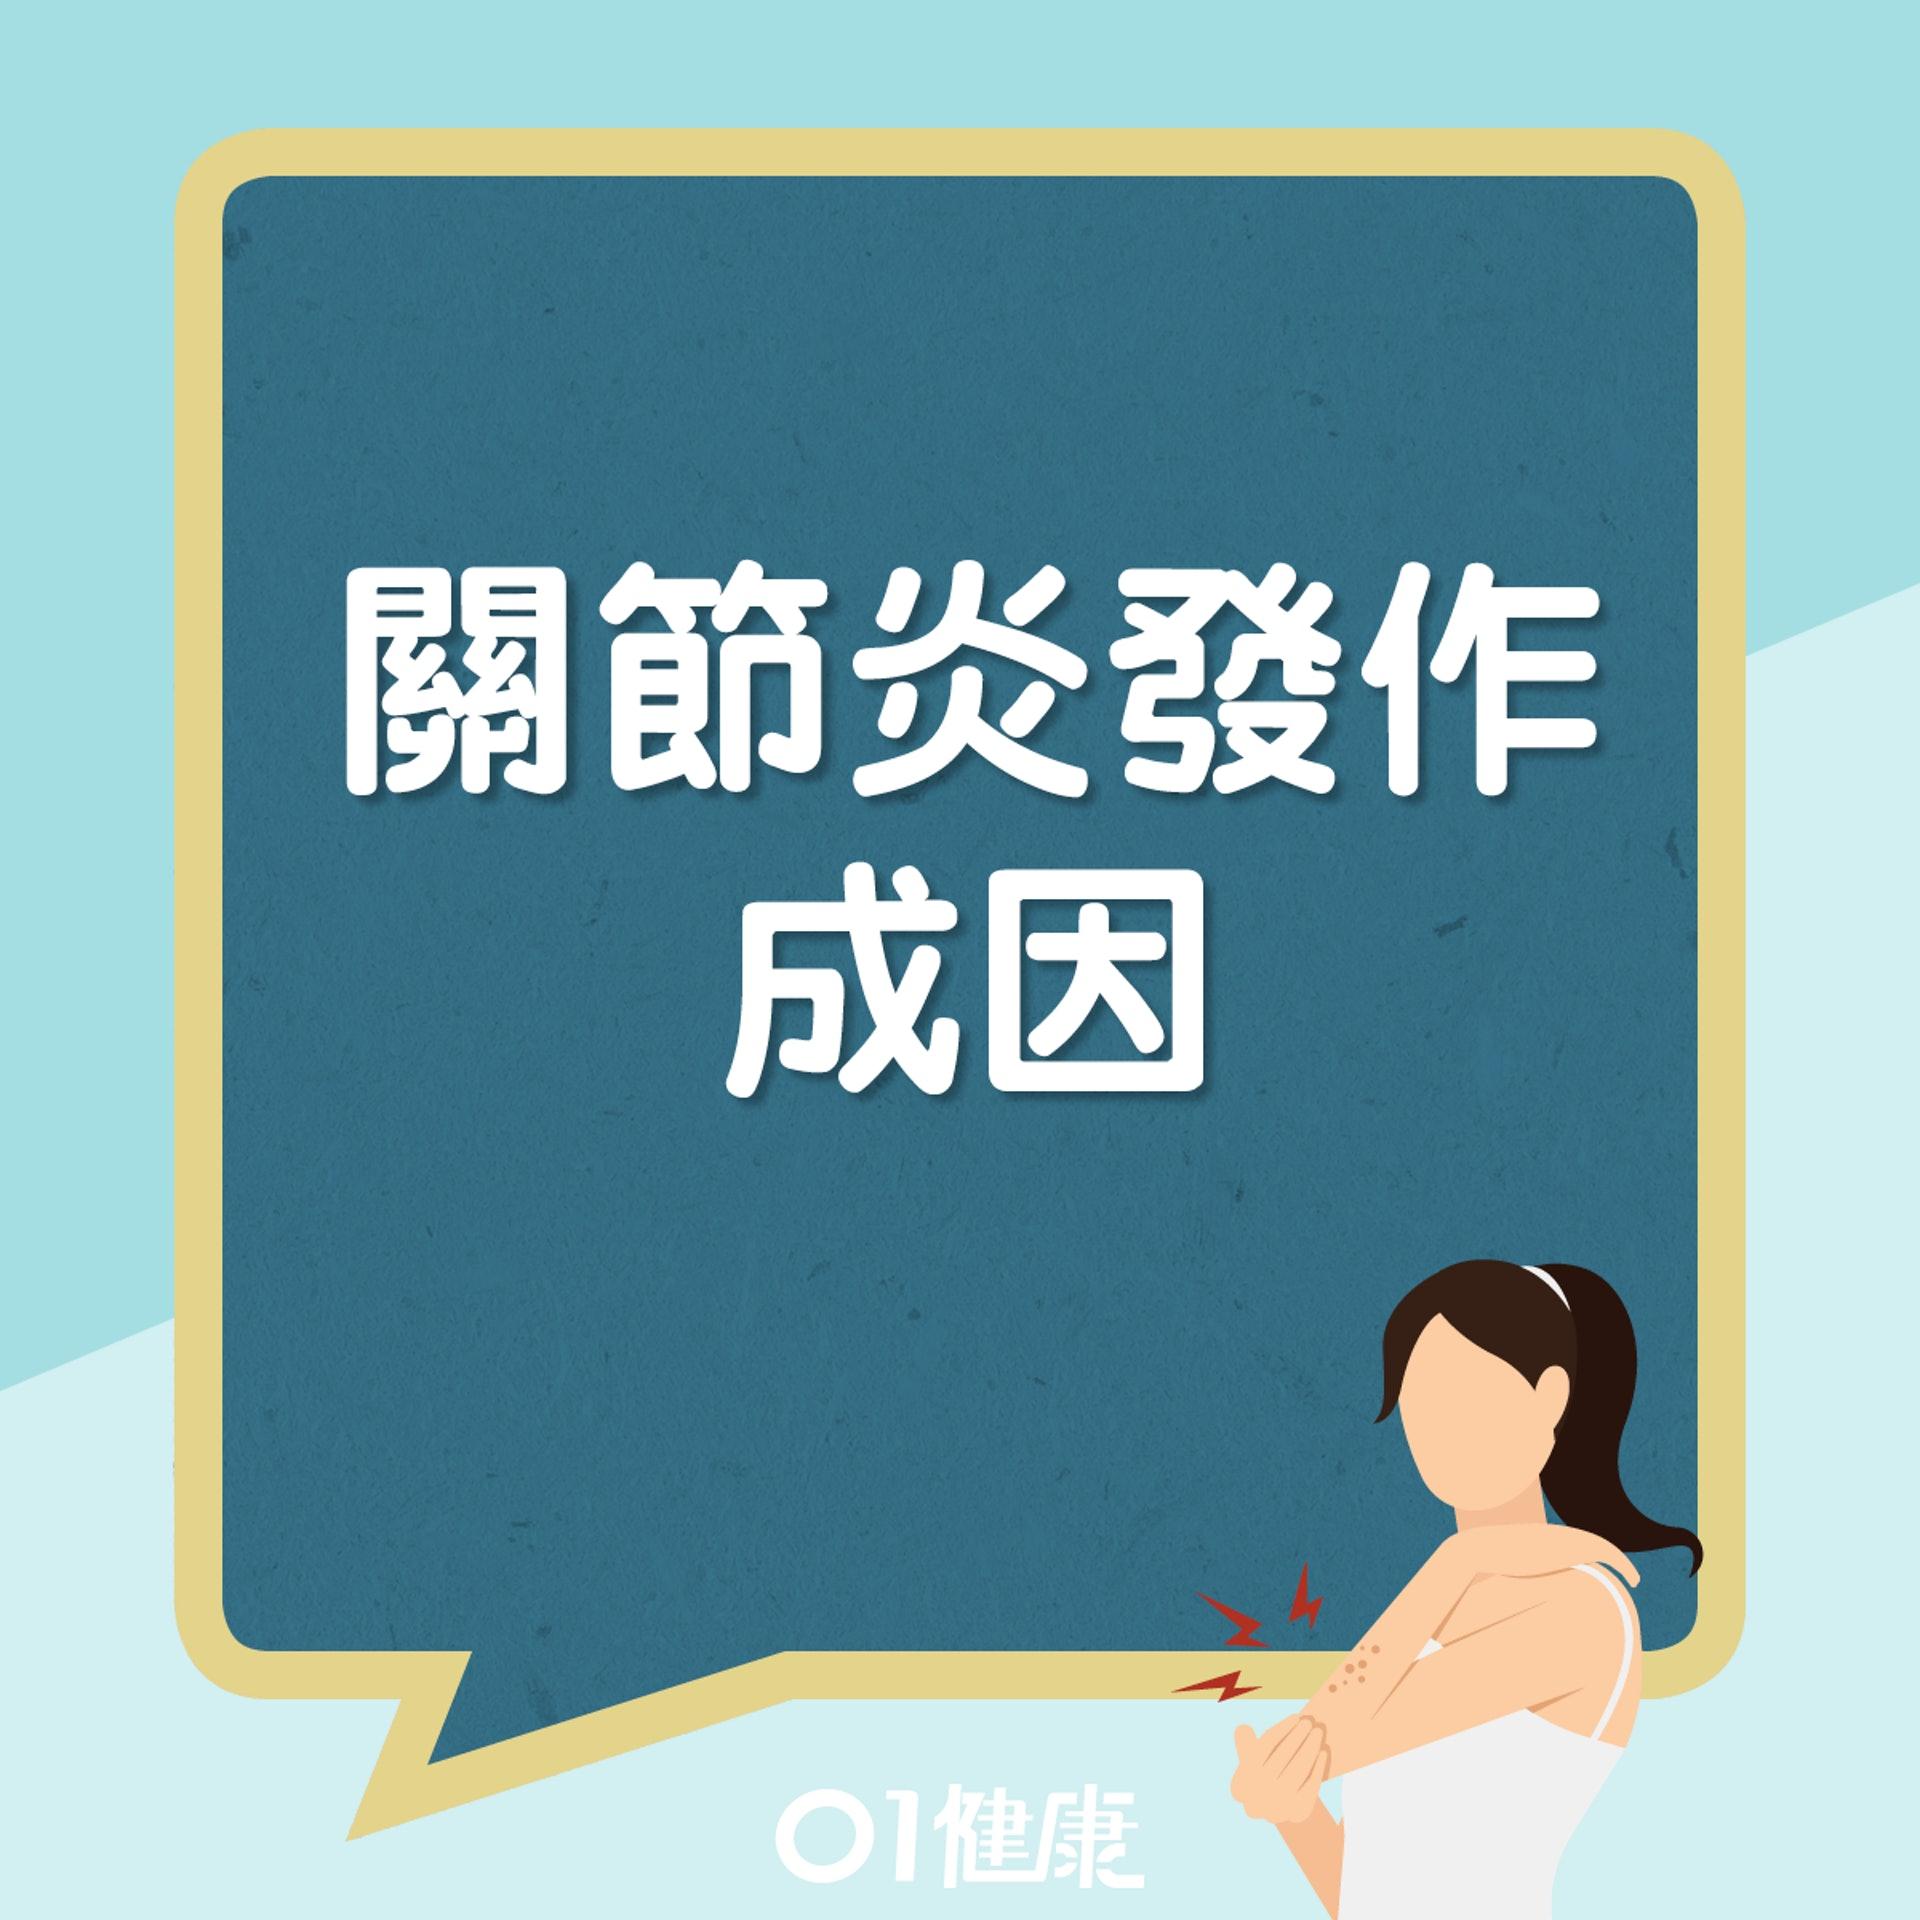 關節炎發作成因(01製圖)